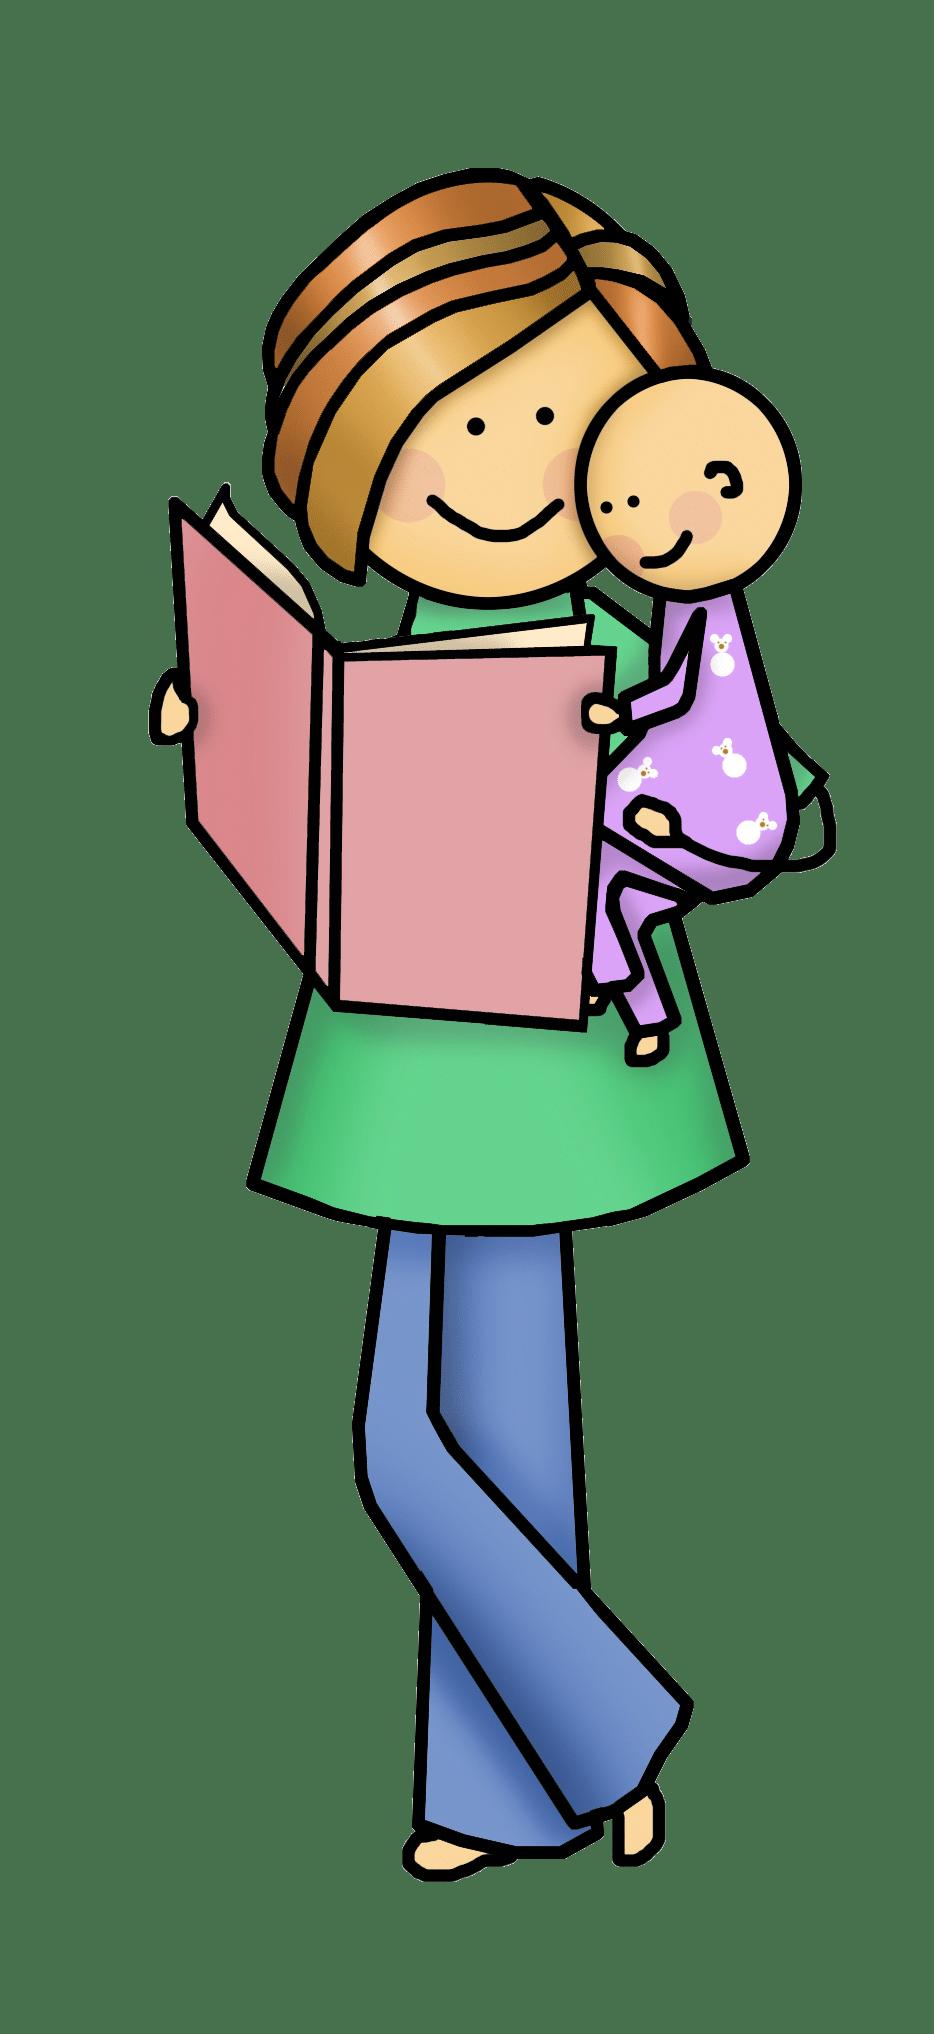 Programs for children lindsborg. Storytime clipart reading challenge